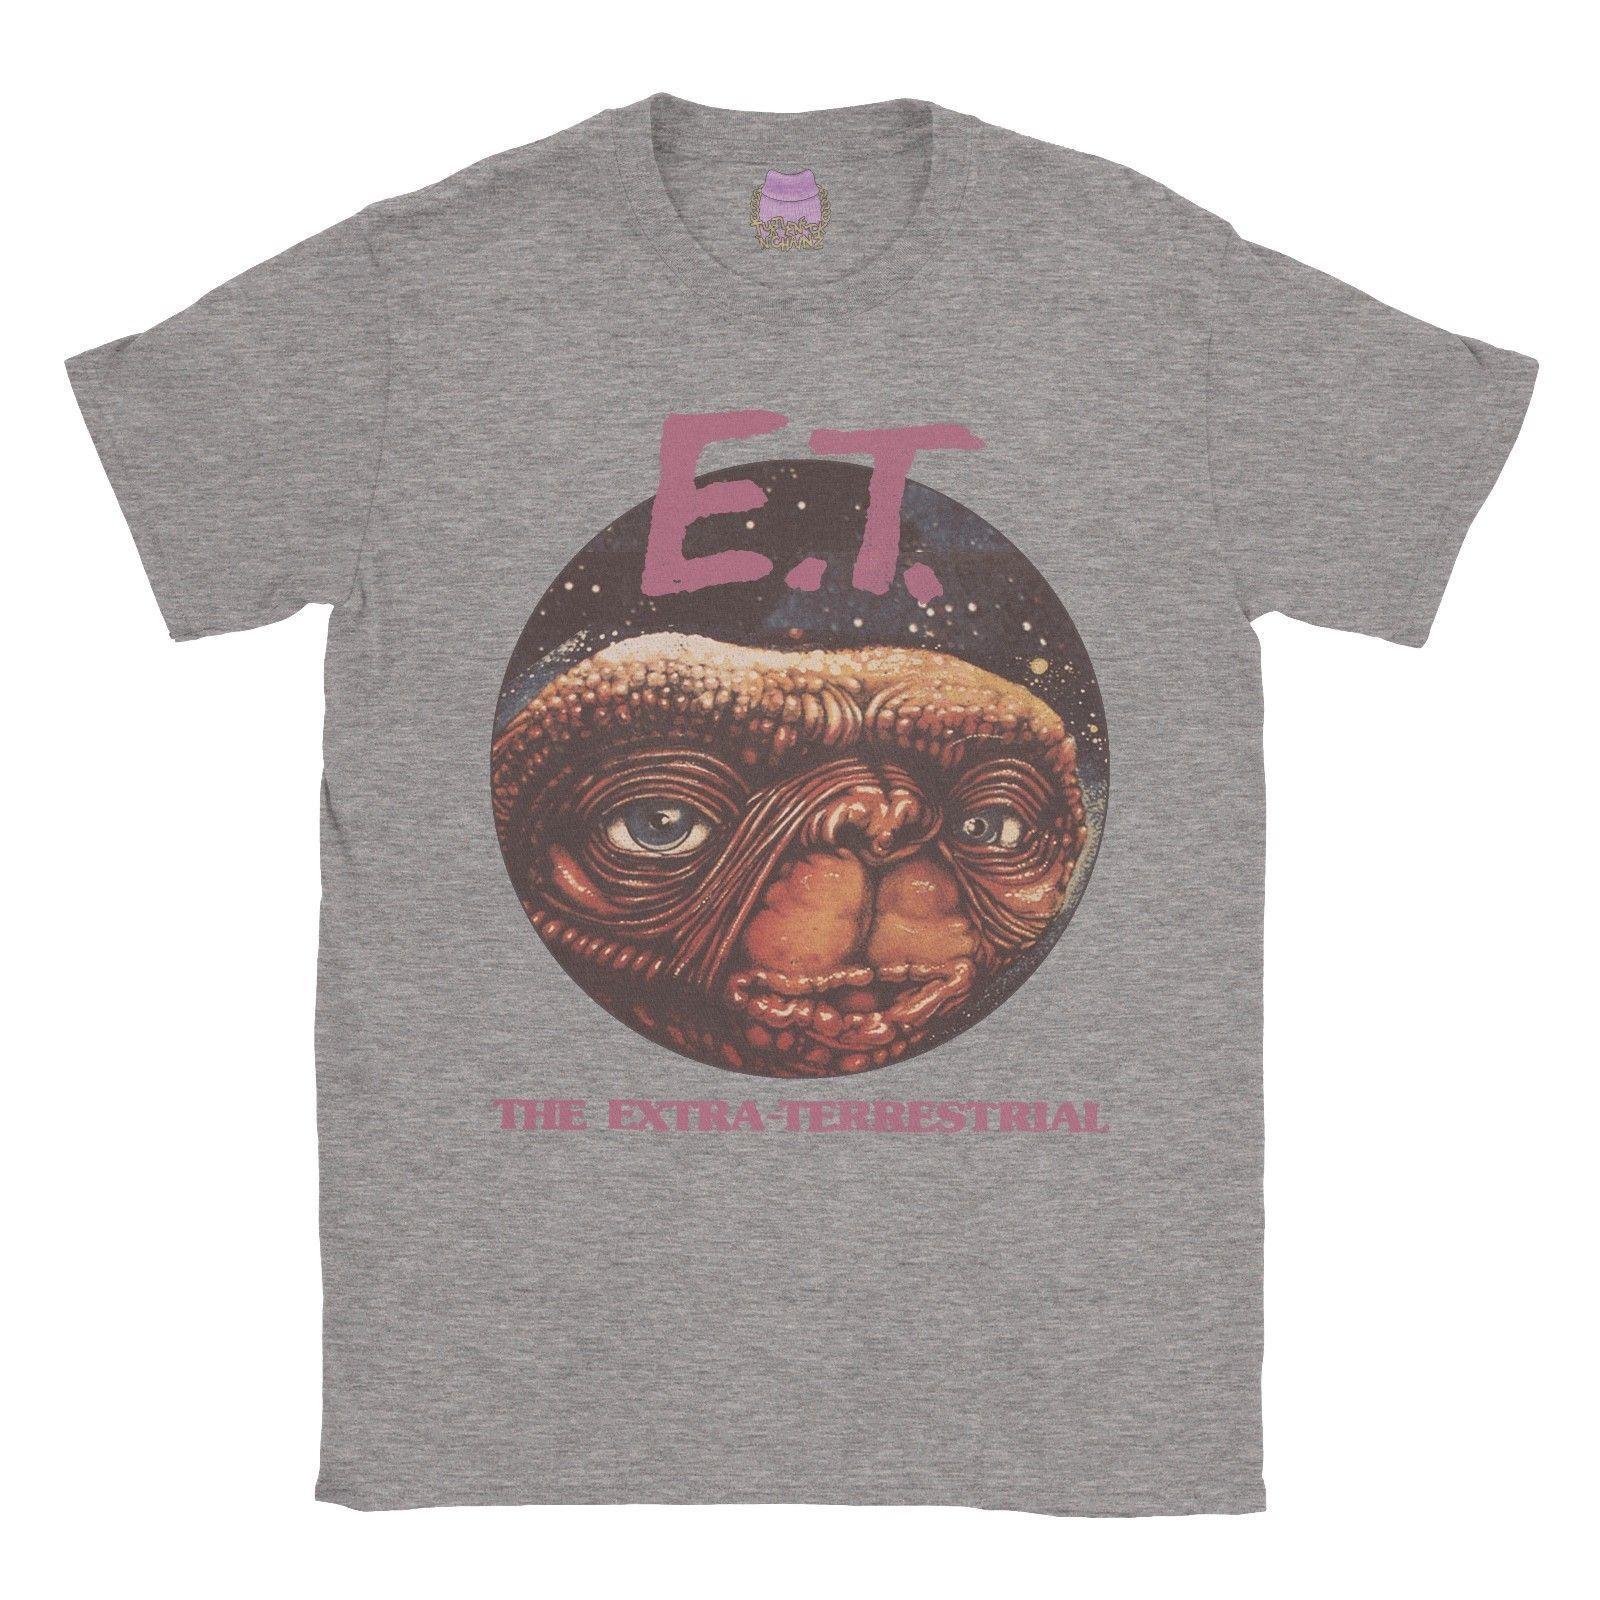 0b2d5c8c E.T T Shirt Classic Movie ET Retro Gift Vintage Mens Ladies Unisex Tshirt  Tee Denim Clothes Camiseta T Shirt Cattt Windbreaker Pug Tshirt Tna Shirts  ...